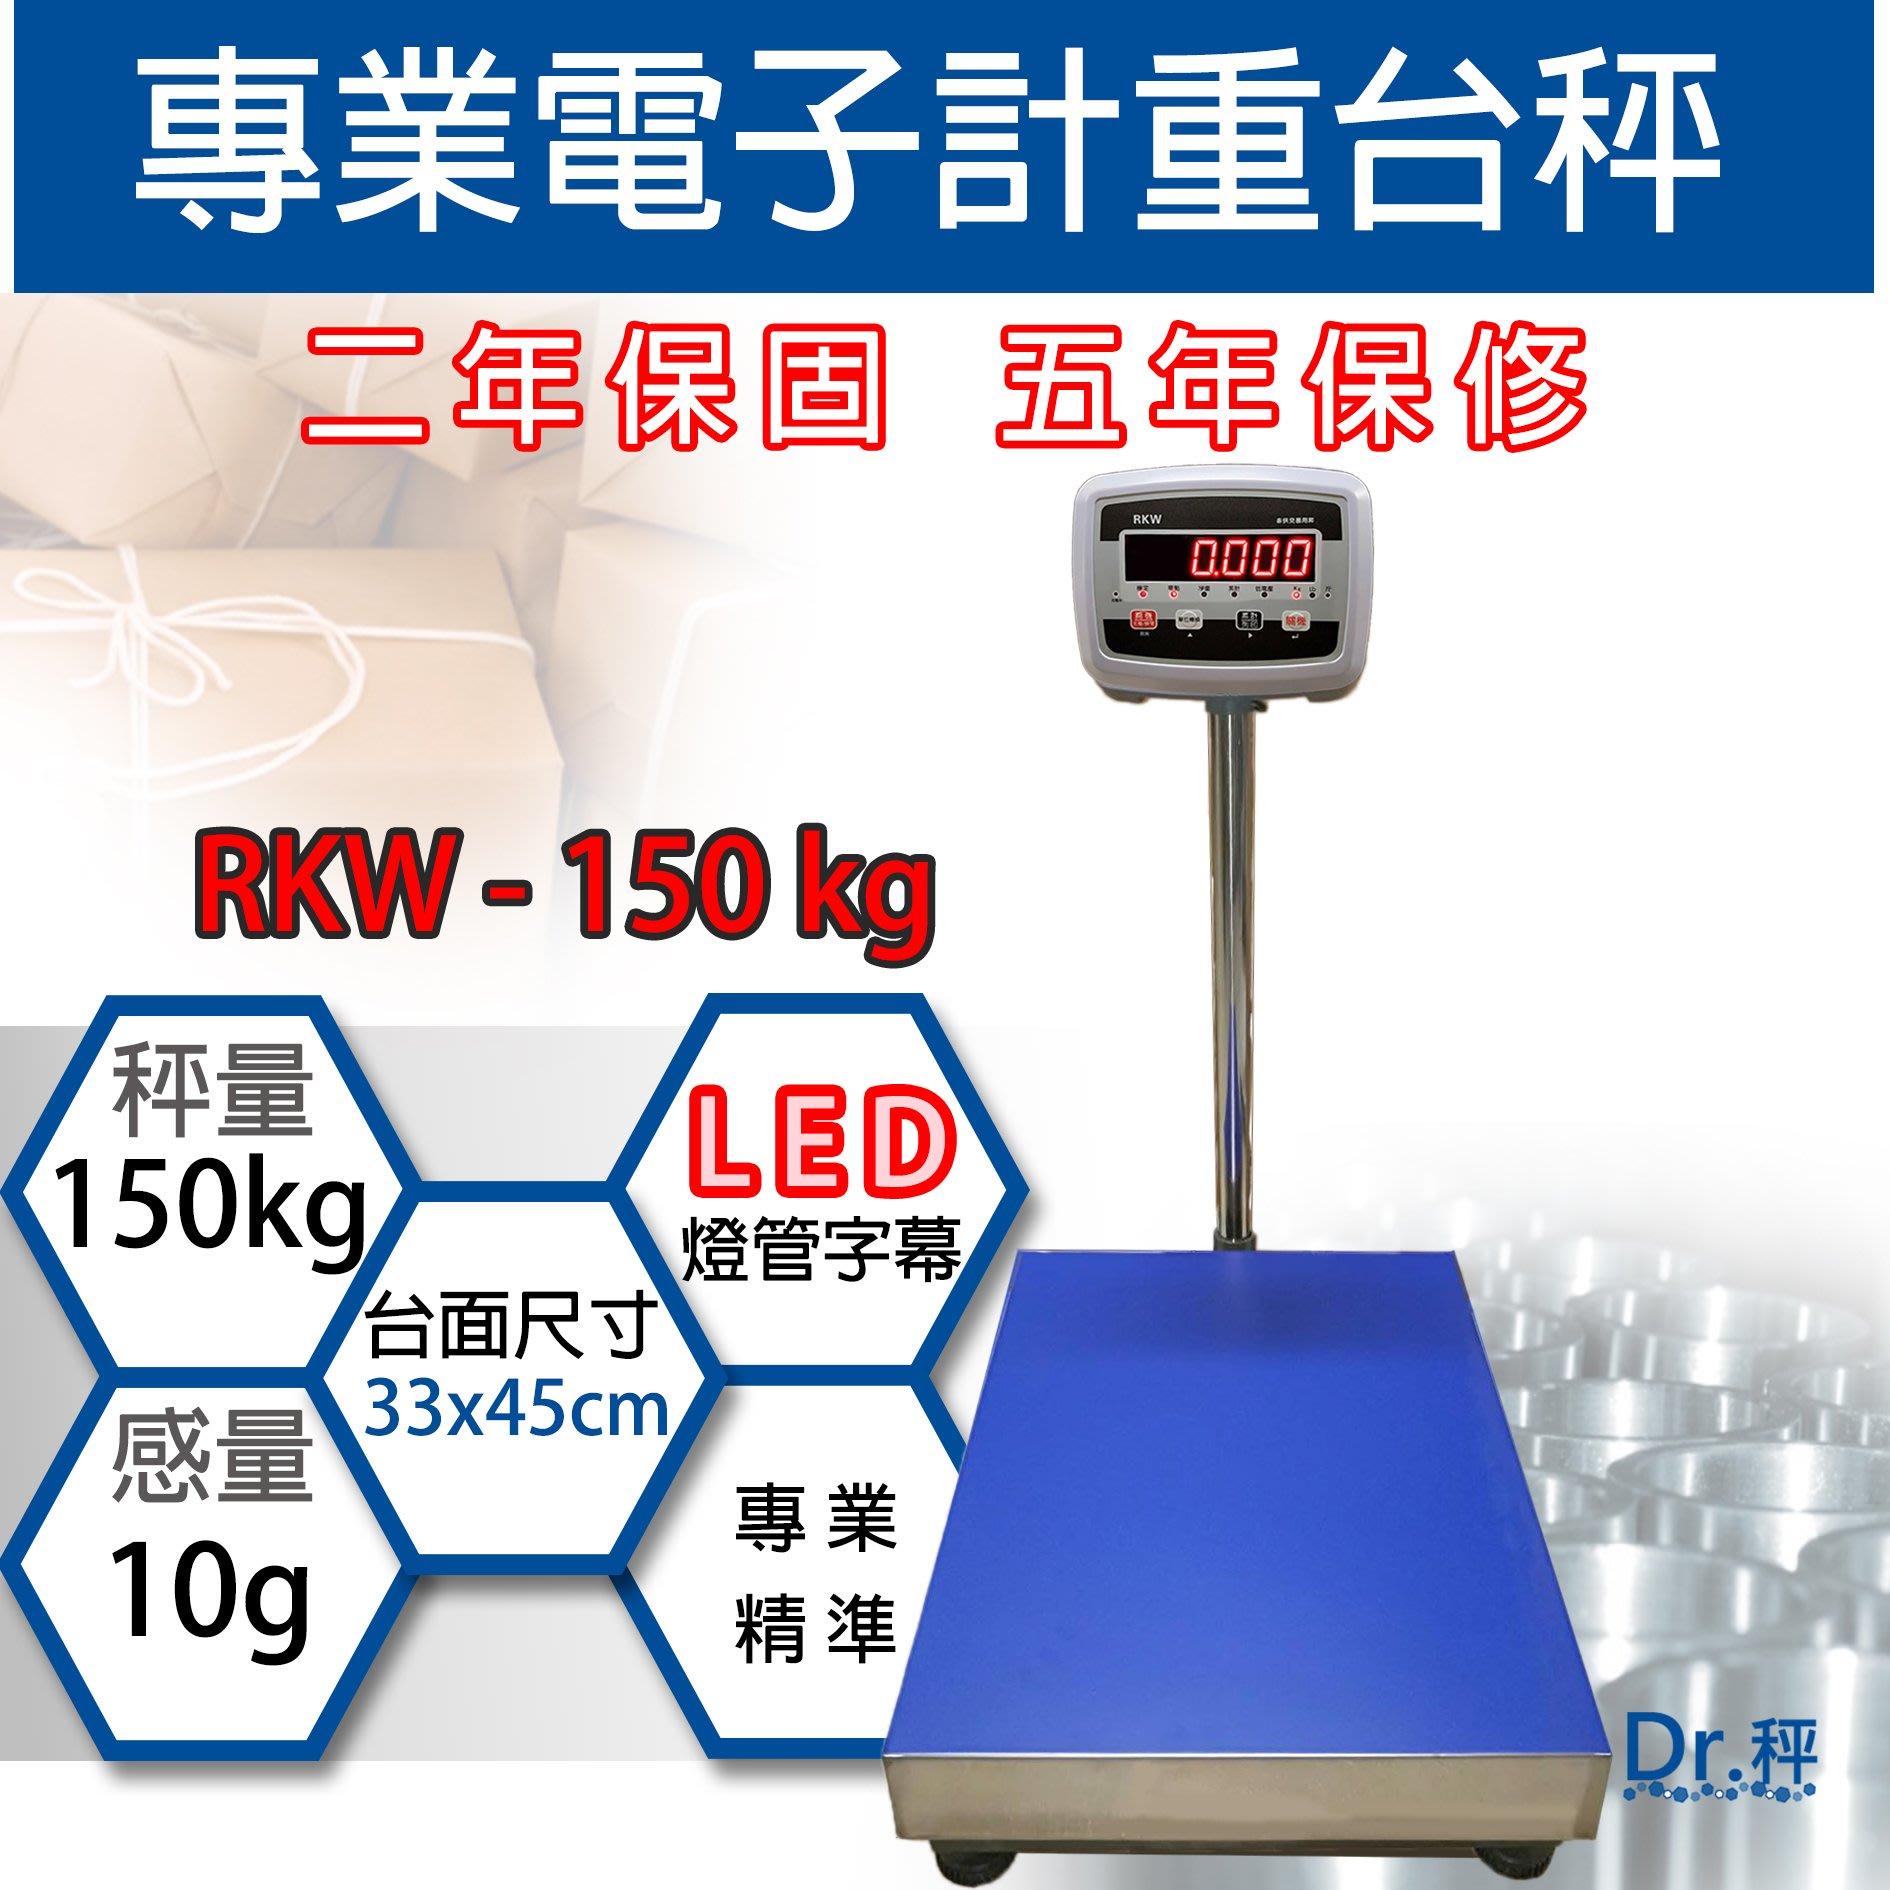 磅秤、電子秤、150kg專業計重台秤(33x45cm)、計重台秤、染料秤、保固兩年 - 【Dr.秤】